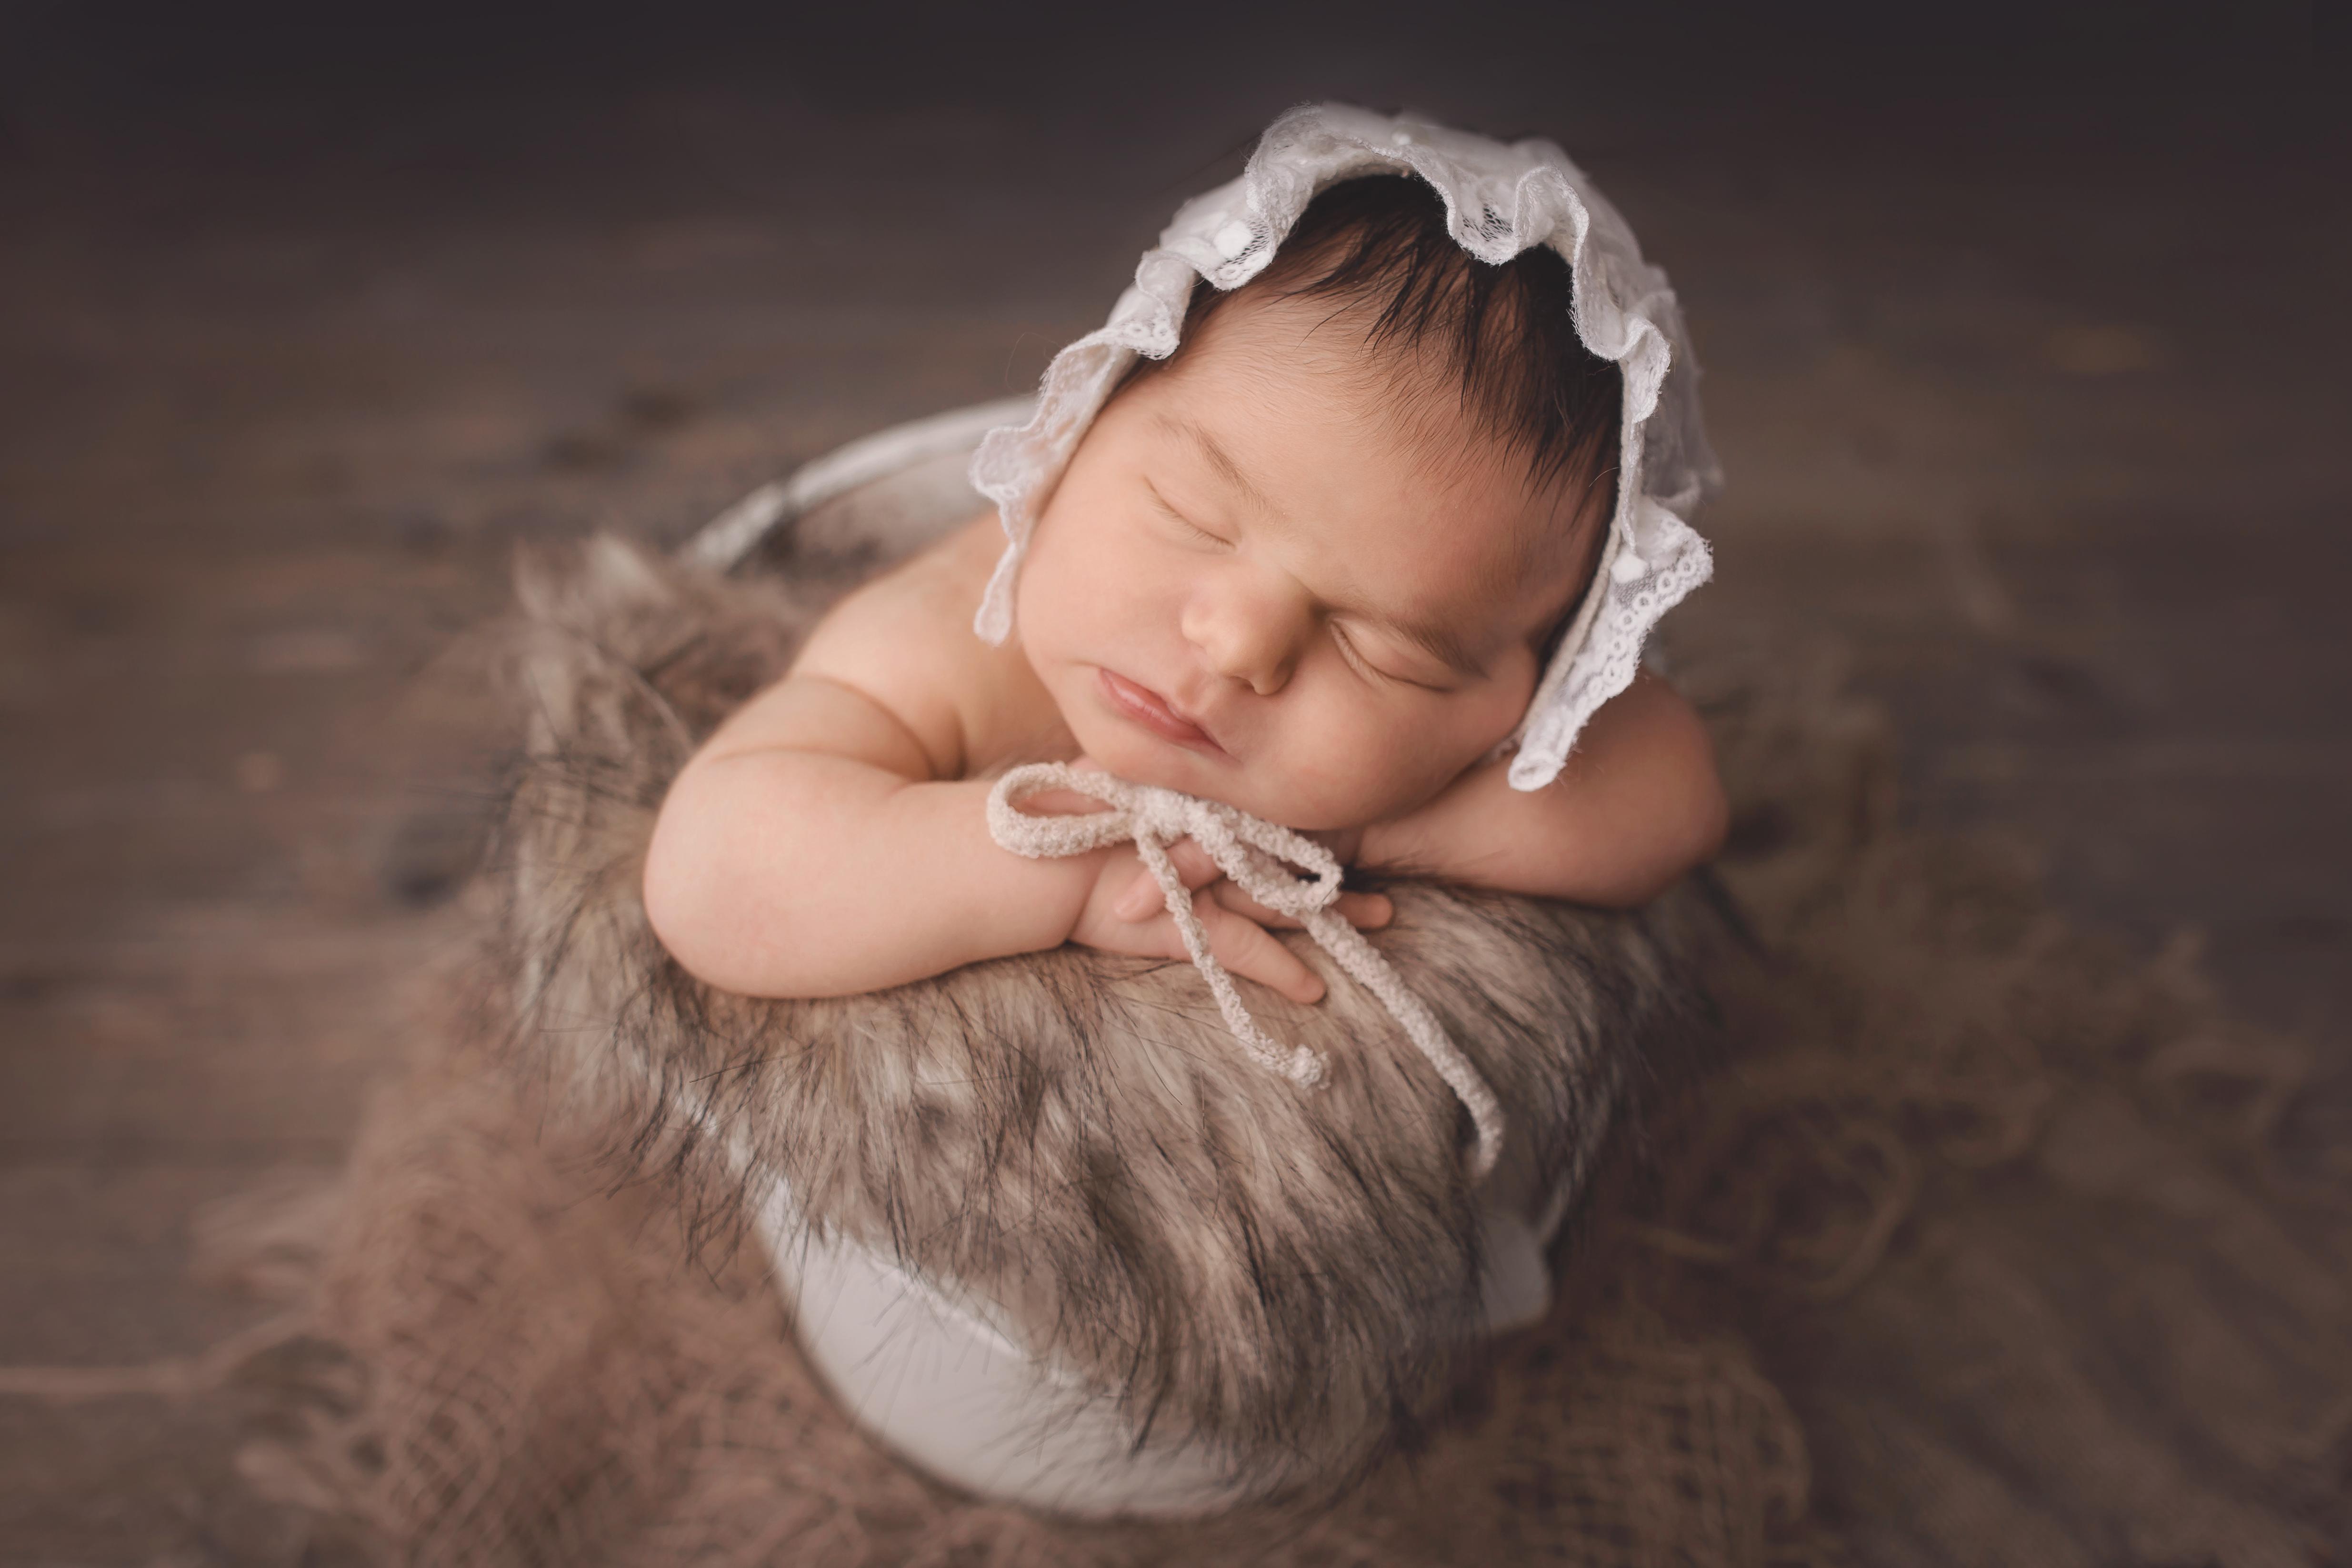 besondere Neugeborenenfotos Kraichtal